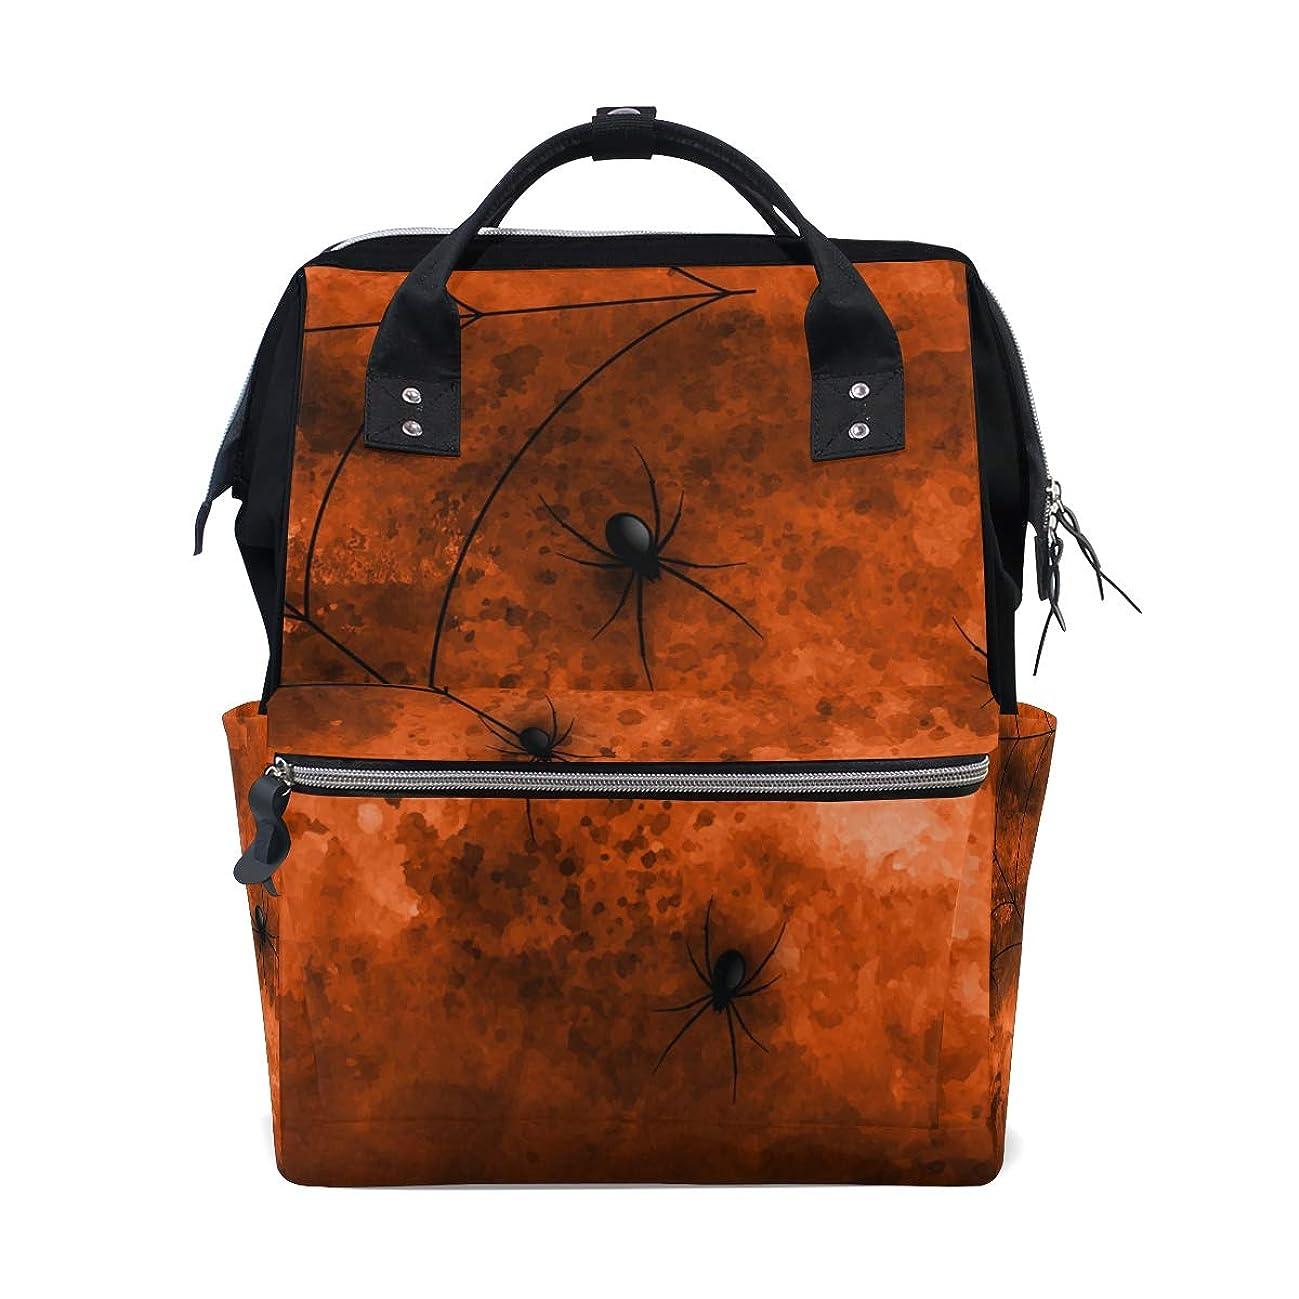 Halloween Spiders School Backpack Large Capacity Mummy Bags Laptop Handbag Casual Travel Rucksack Satchel For Women Men Adult Teen Children